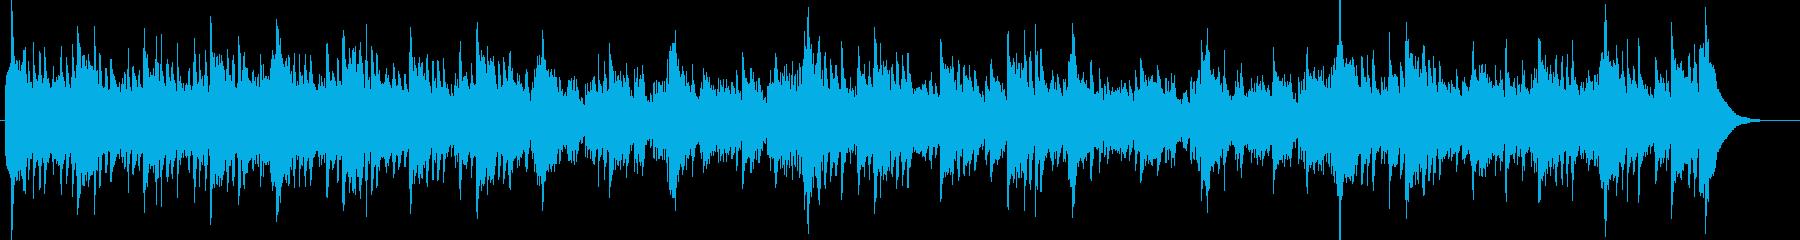 シタールとアコギ60'sラーガ・フォークの再生済みの波形